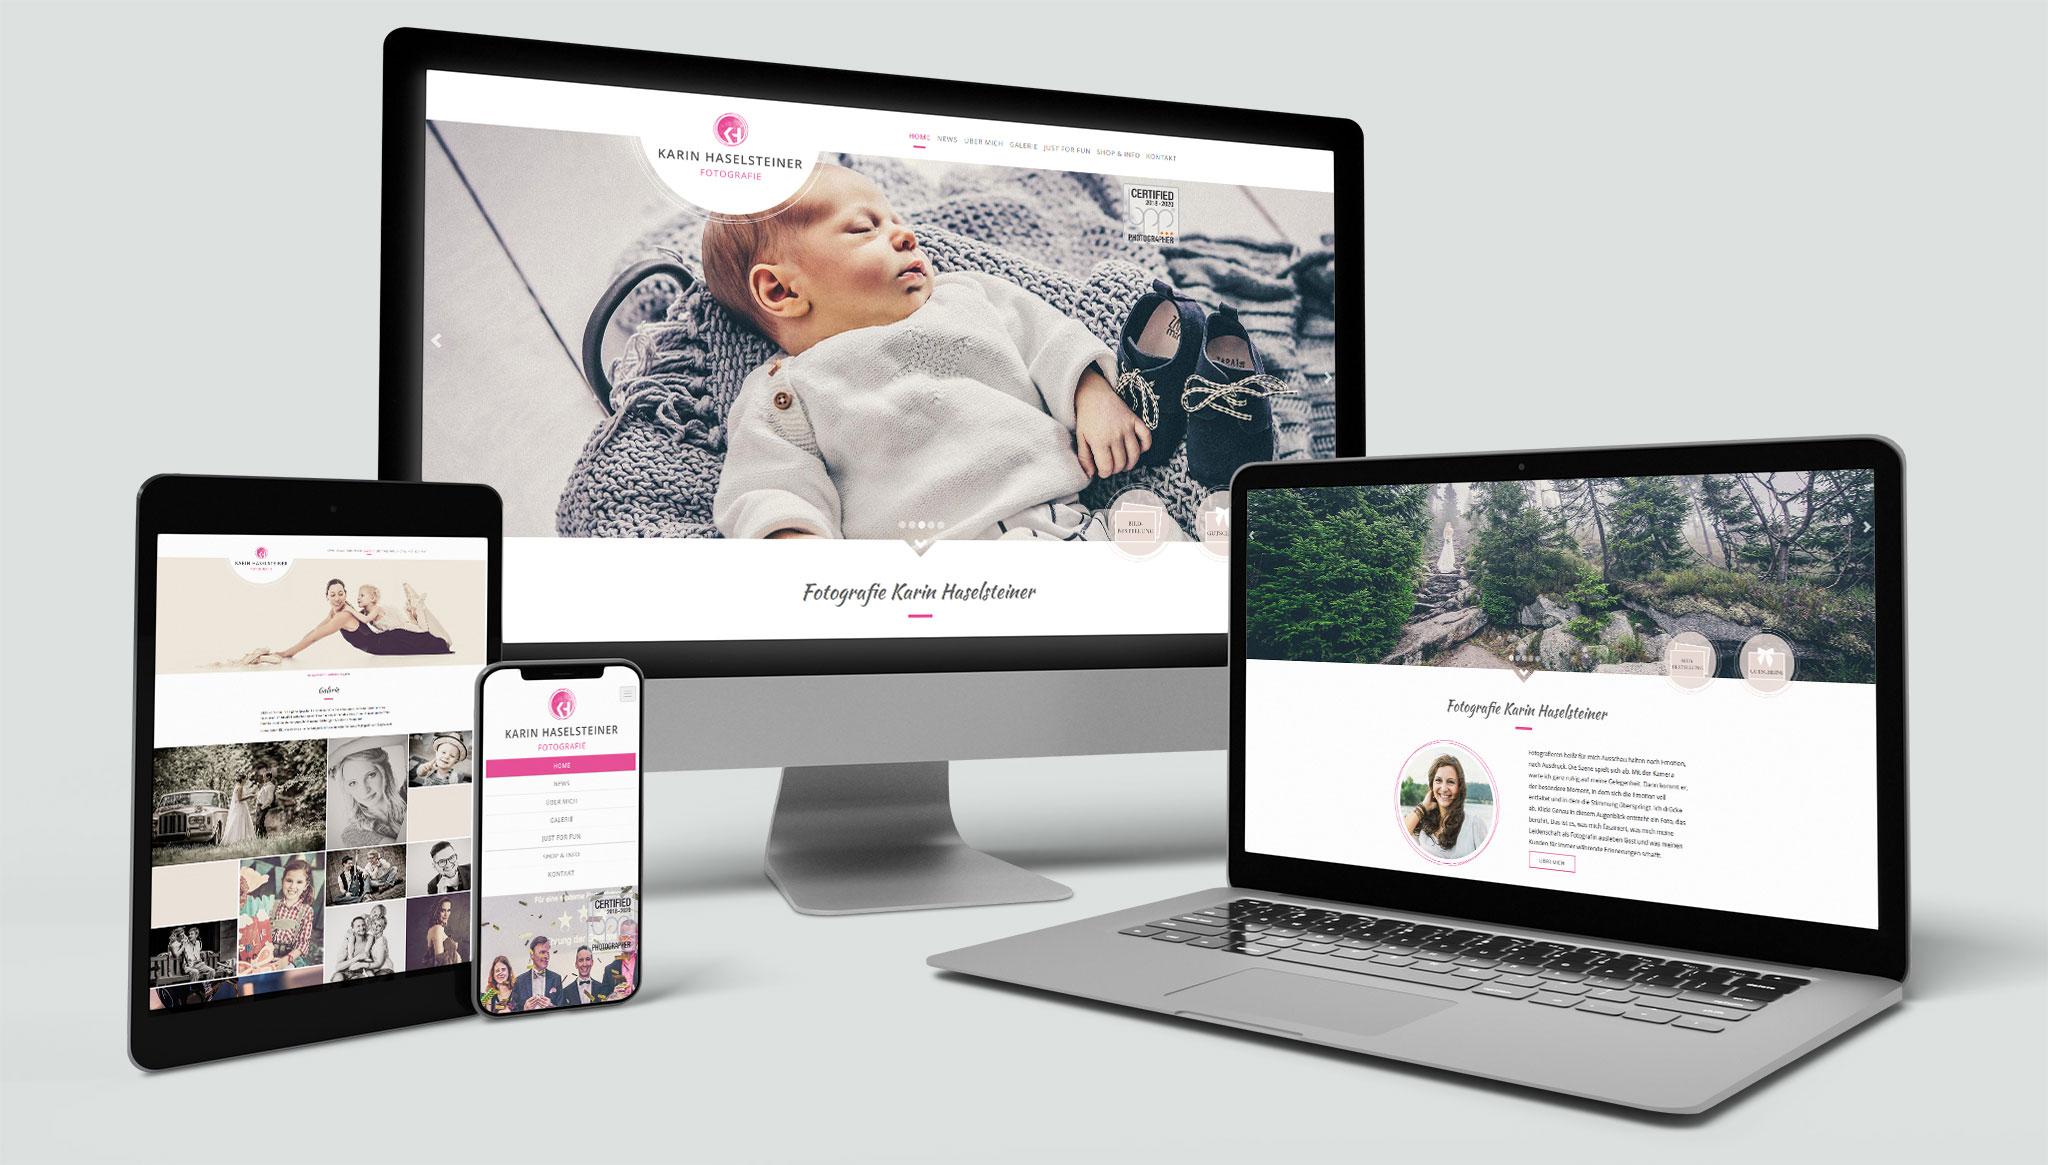 Karin Haselsteiner Website | Werbeagentur Roland C. Ritter